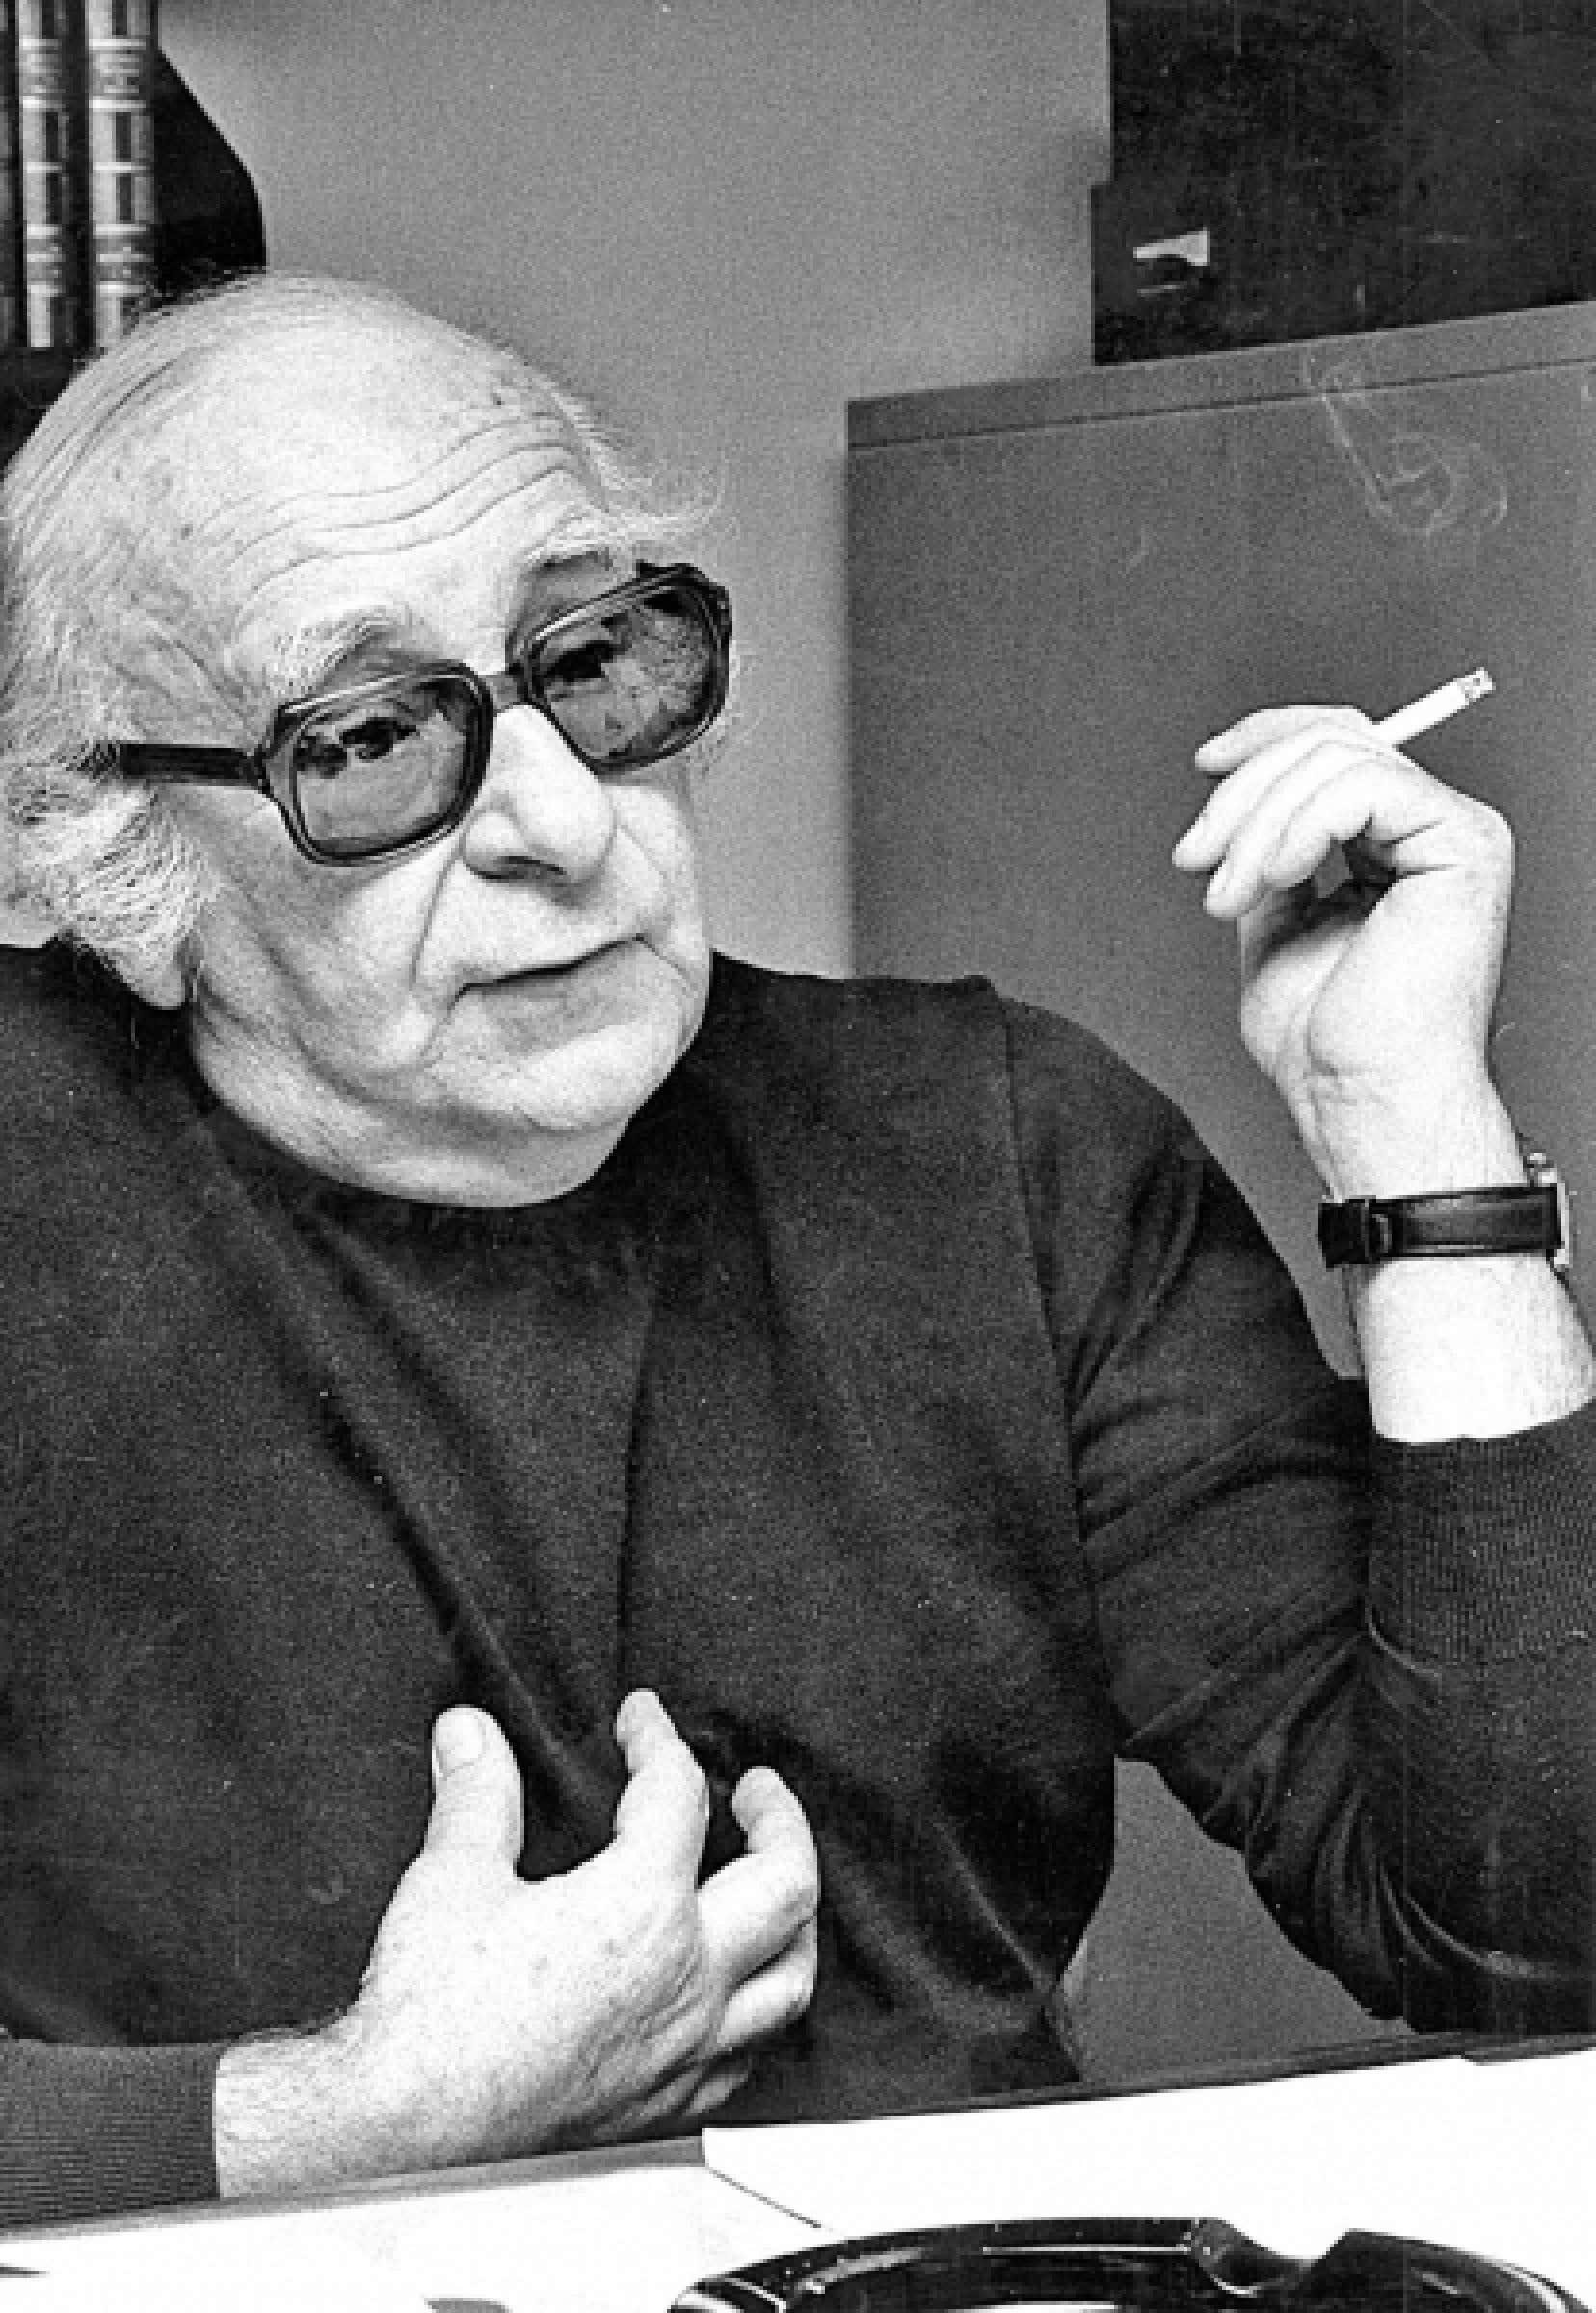 Marcel Rioux (1919-1992), pr&eacute;sident de la Commission d&rsquo;enqu&ecirc;te sur l&rsquo;enseignement des arts, cr&eacute;&eacute;e en 1966<br />